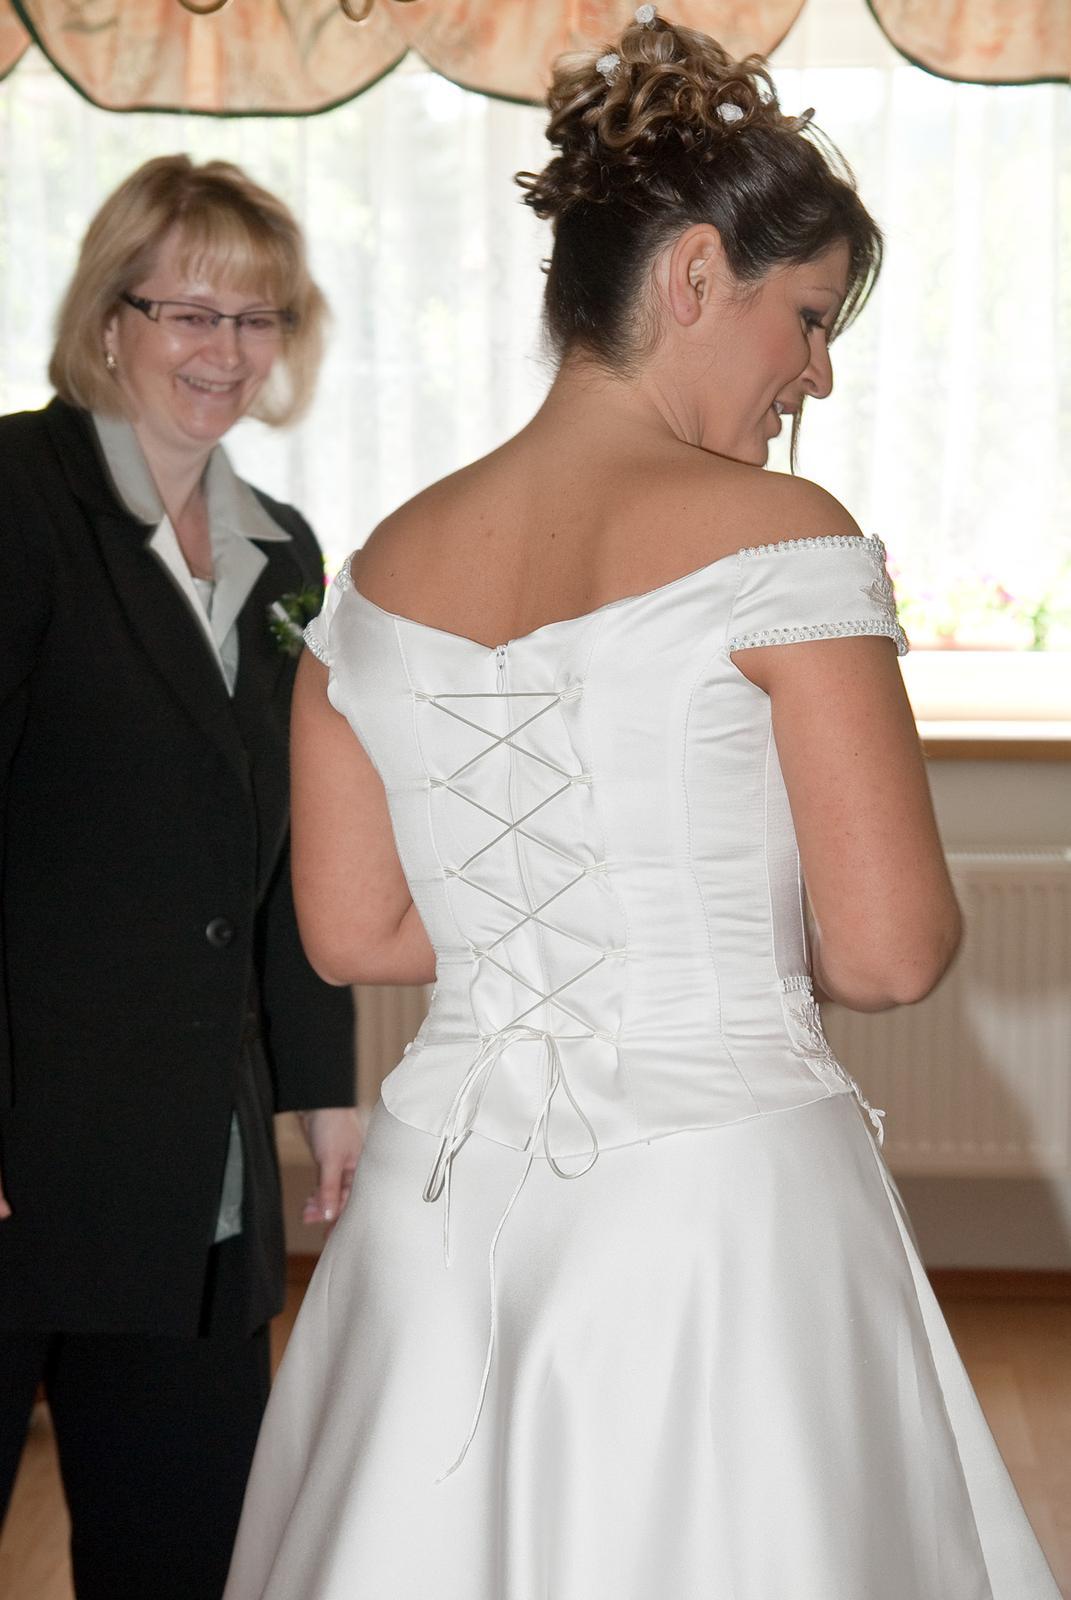 Bílé svatební šaty  - Obrázek č. 2